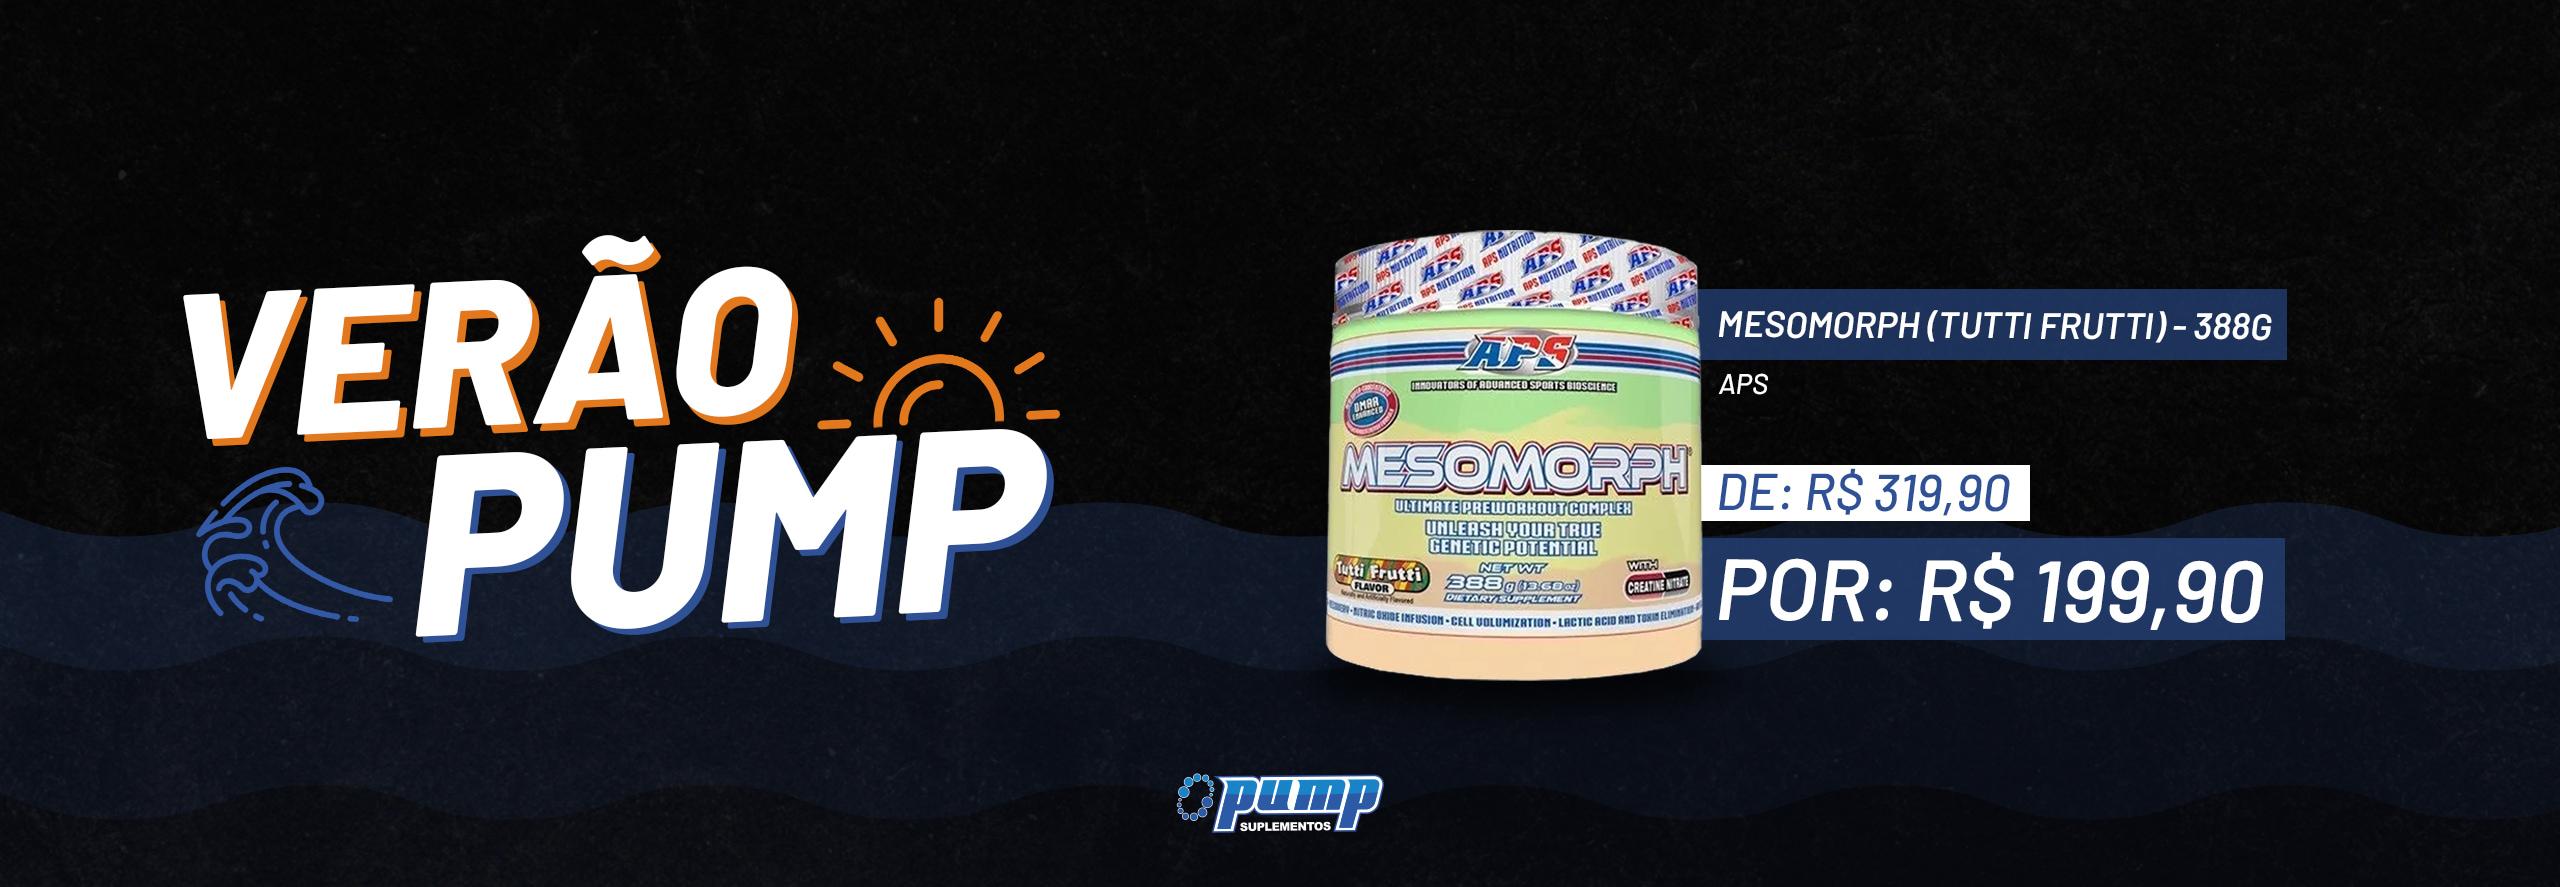 Verão Pump - Mesomorph